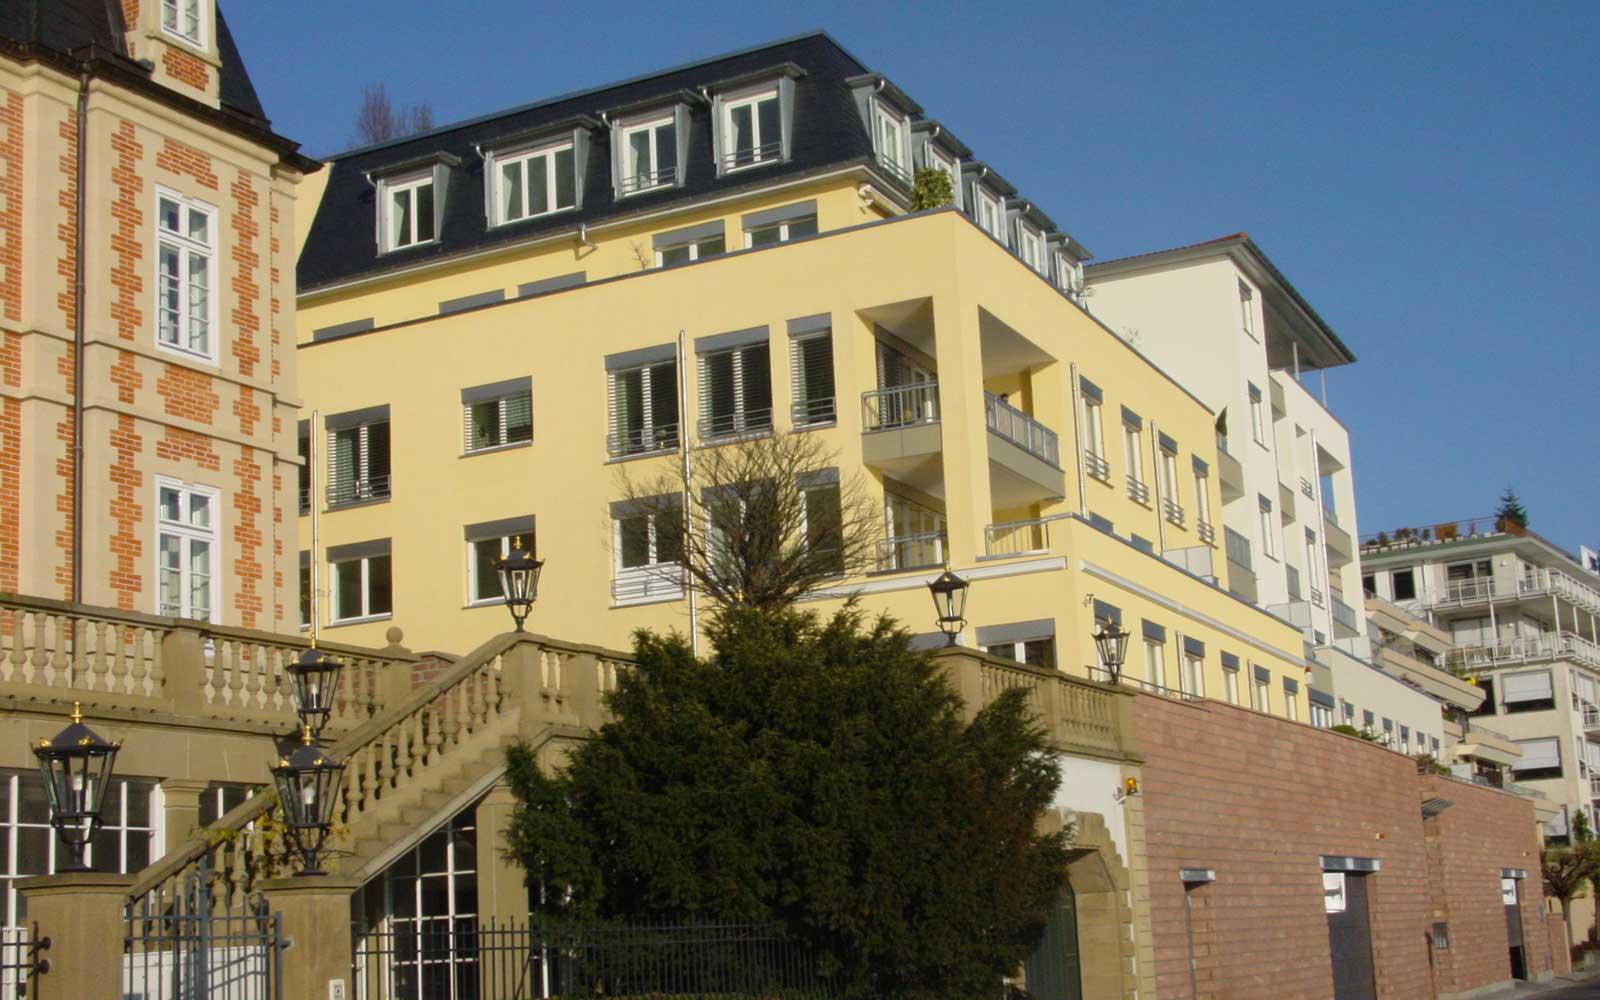 Eigentumswohnungen am Neckar, Architekturbüro Heidelberg